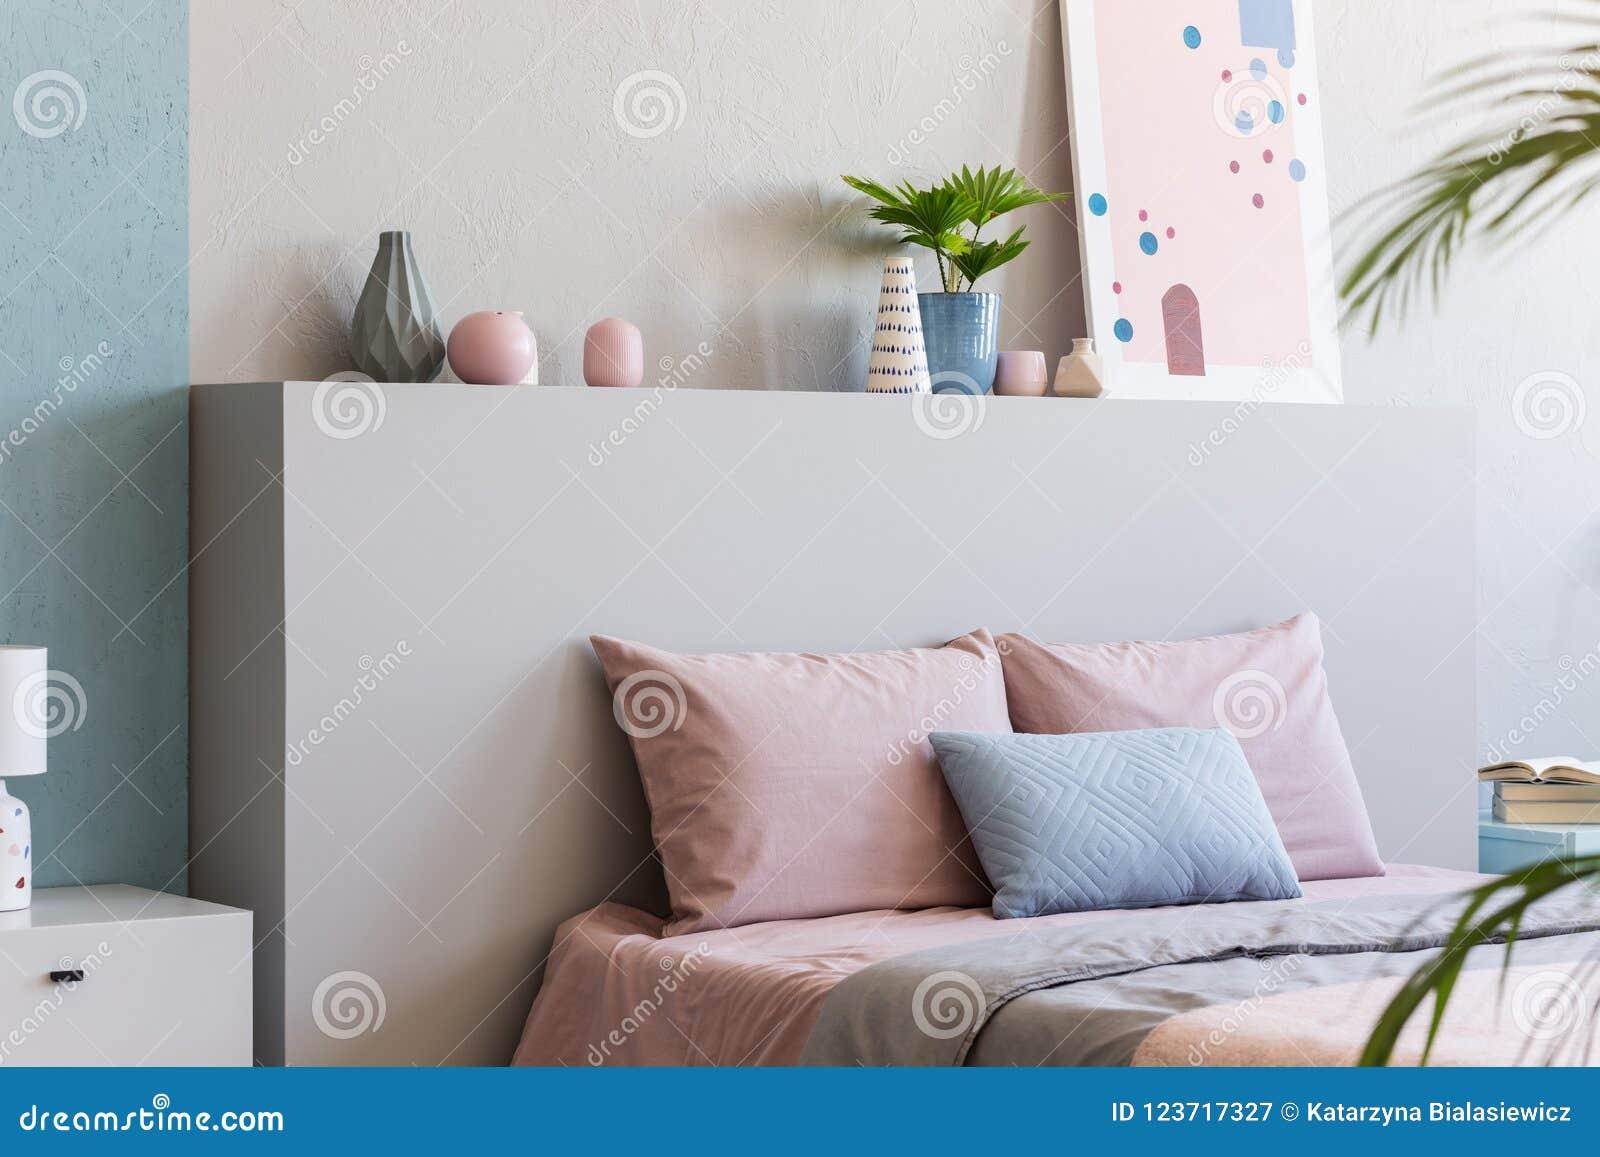 Manifesto sulla testata del letto con i cuscini rosa nellinterno